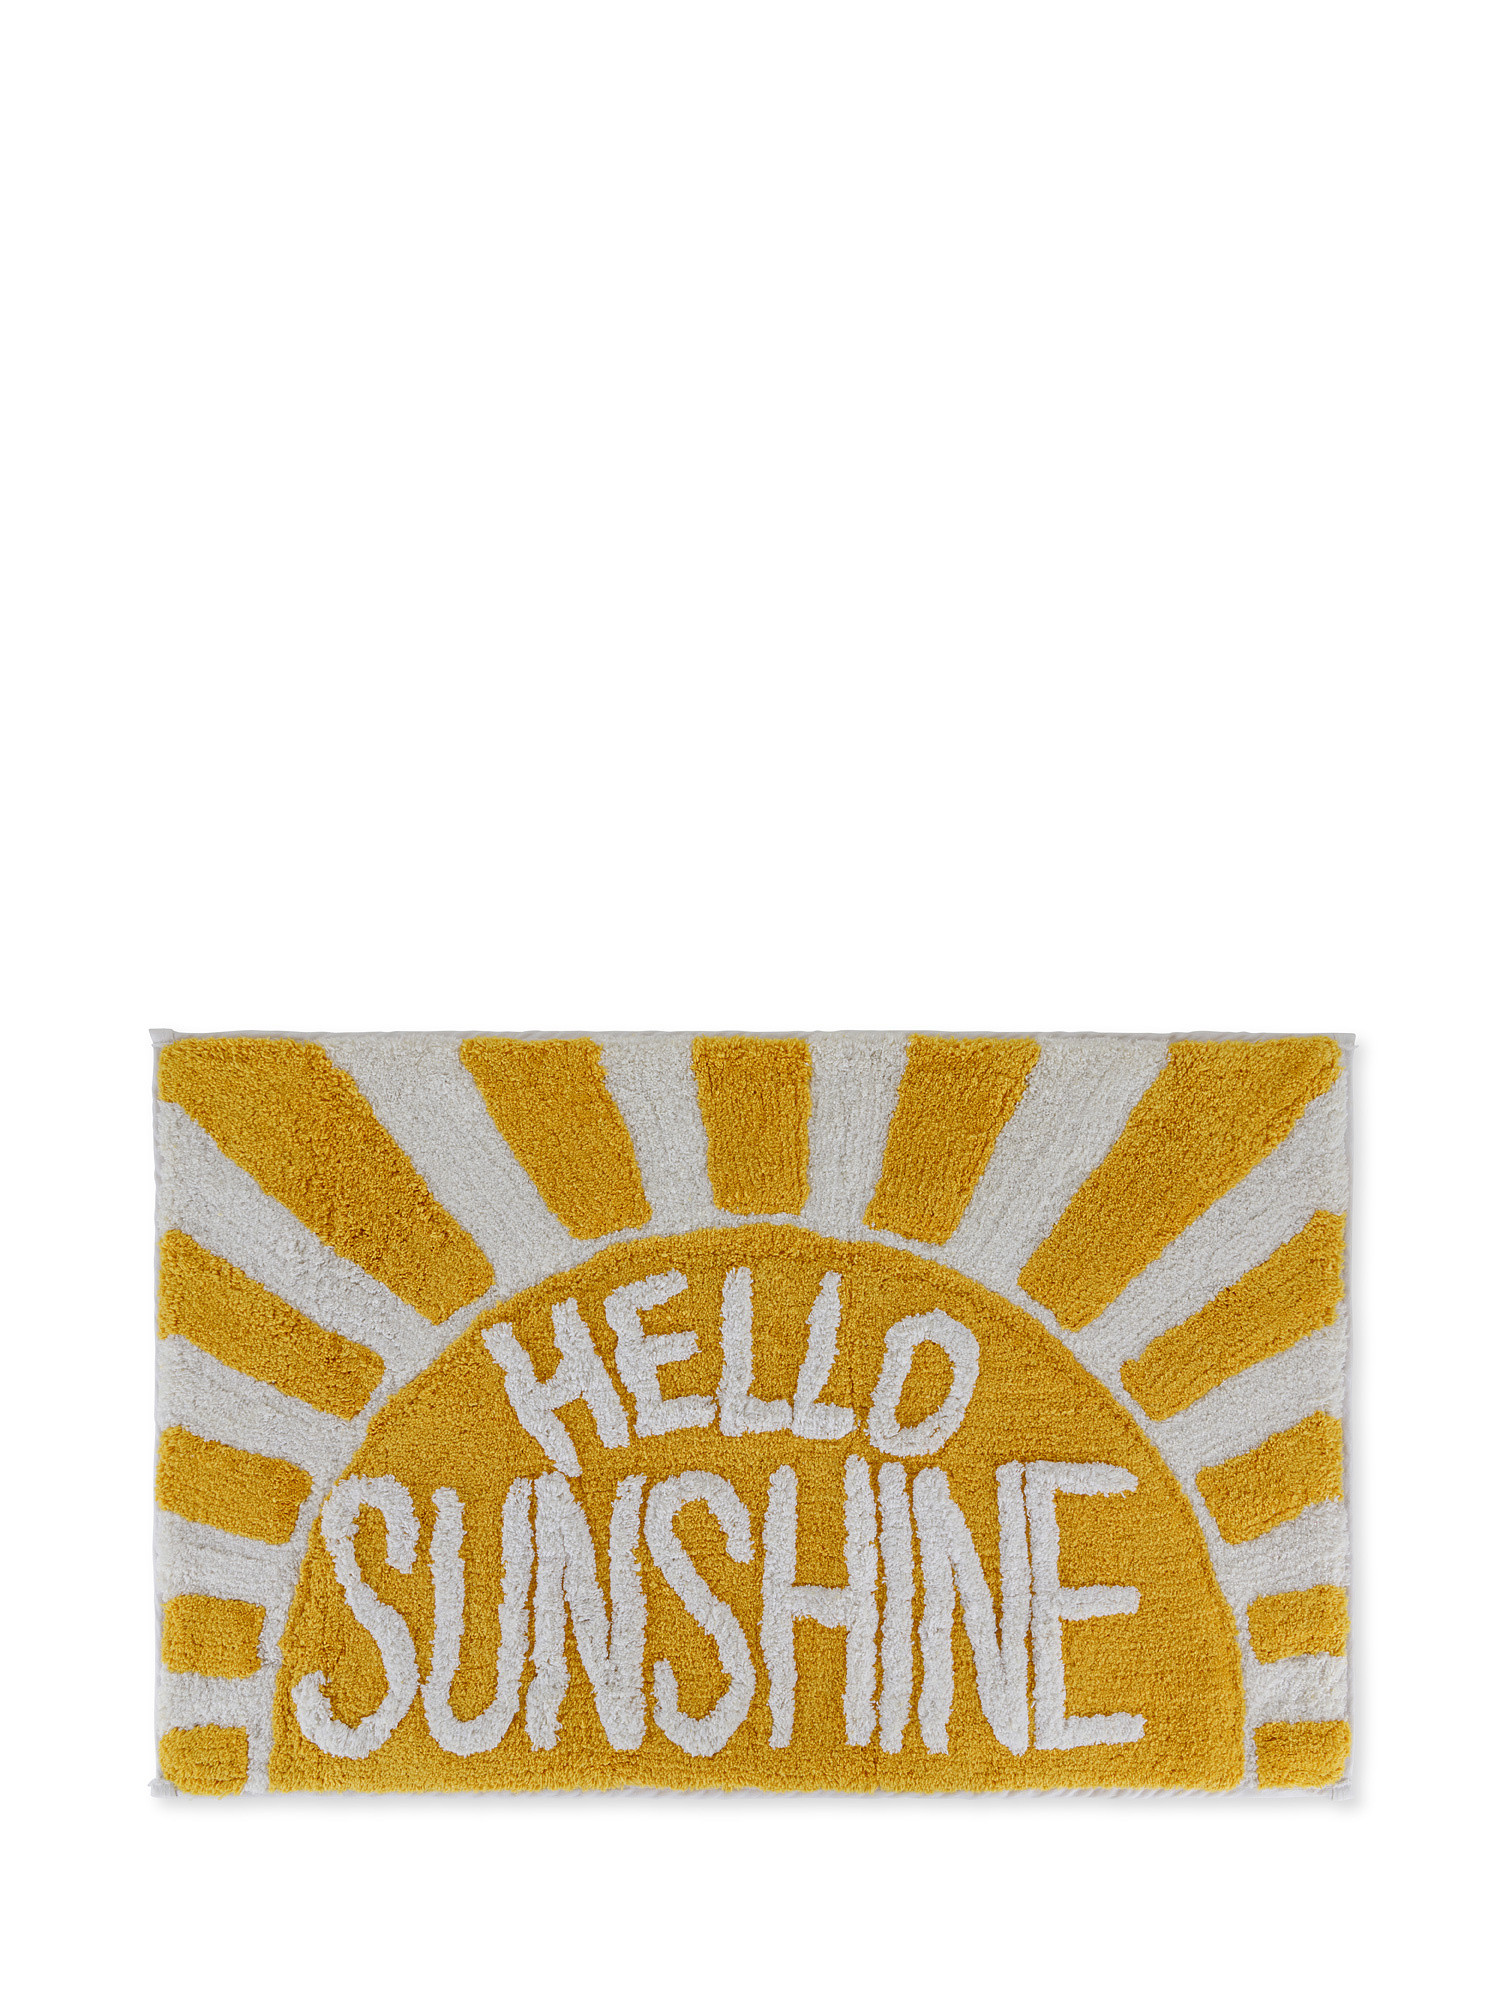 Tappeto bagno spugna di cotone Hello sunshine, Multicolor, large image number 0